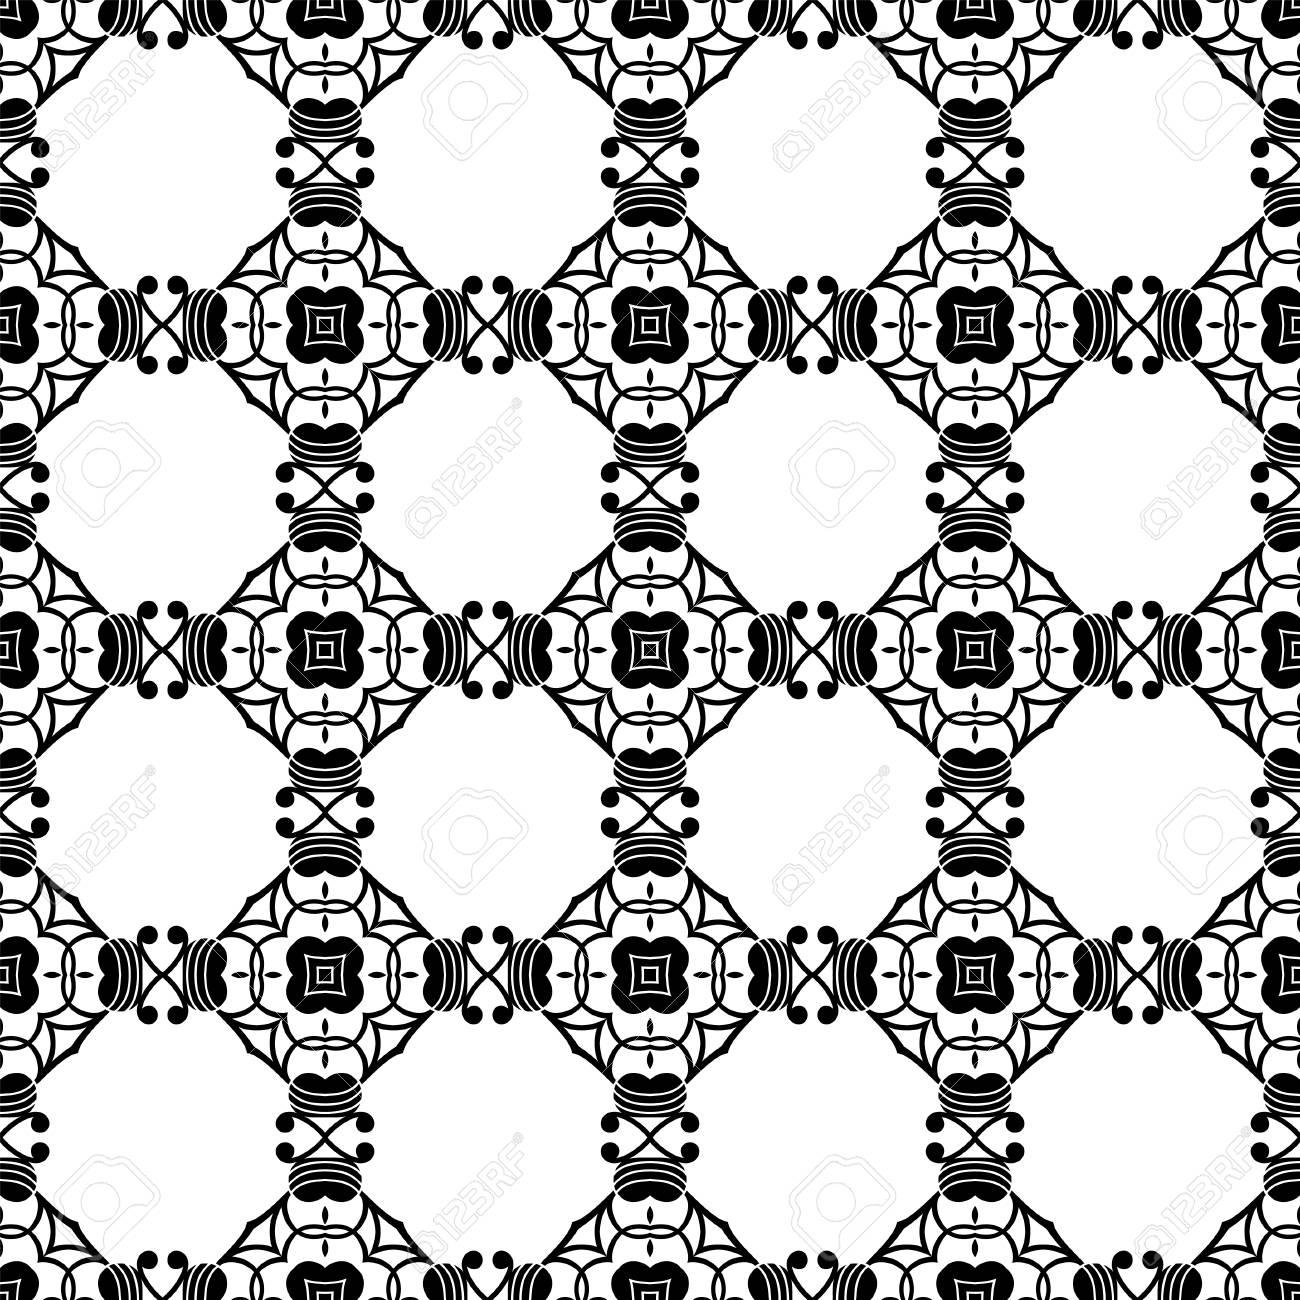 Nahtlose Vintage Tapete Schwarz Weiß Muster Dekorativer